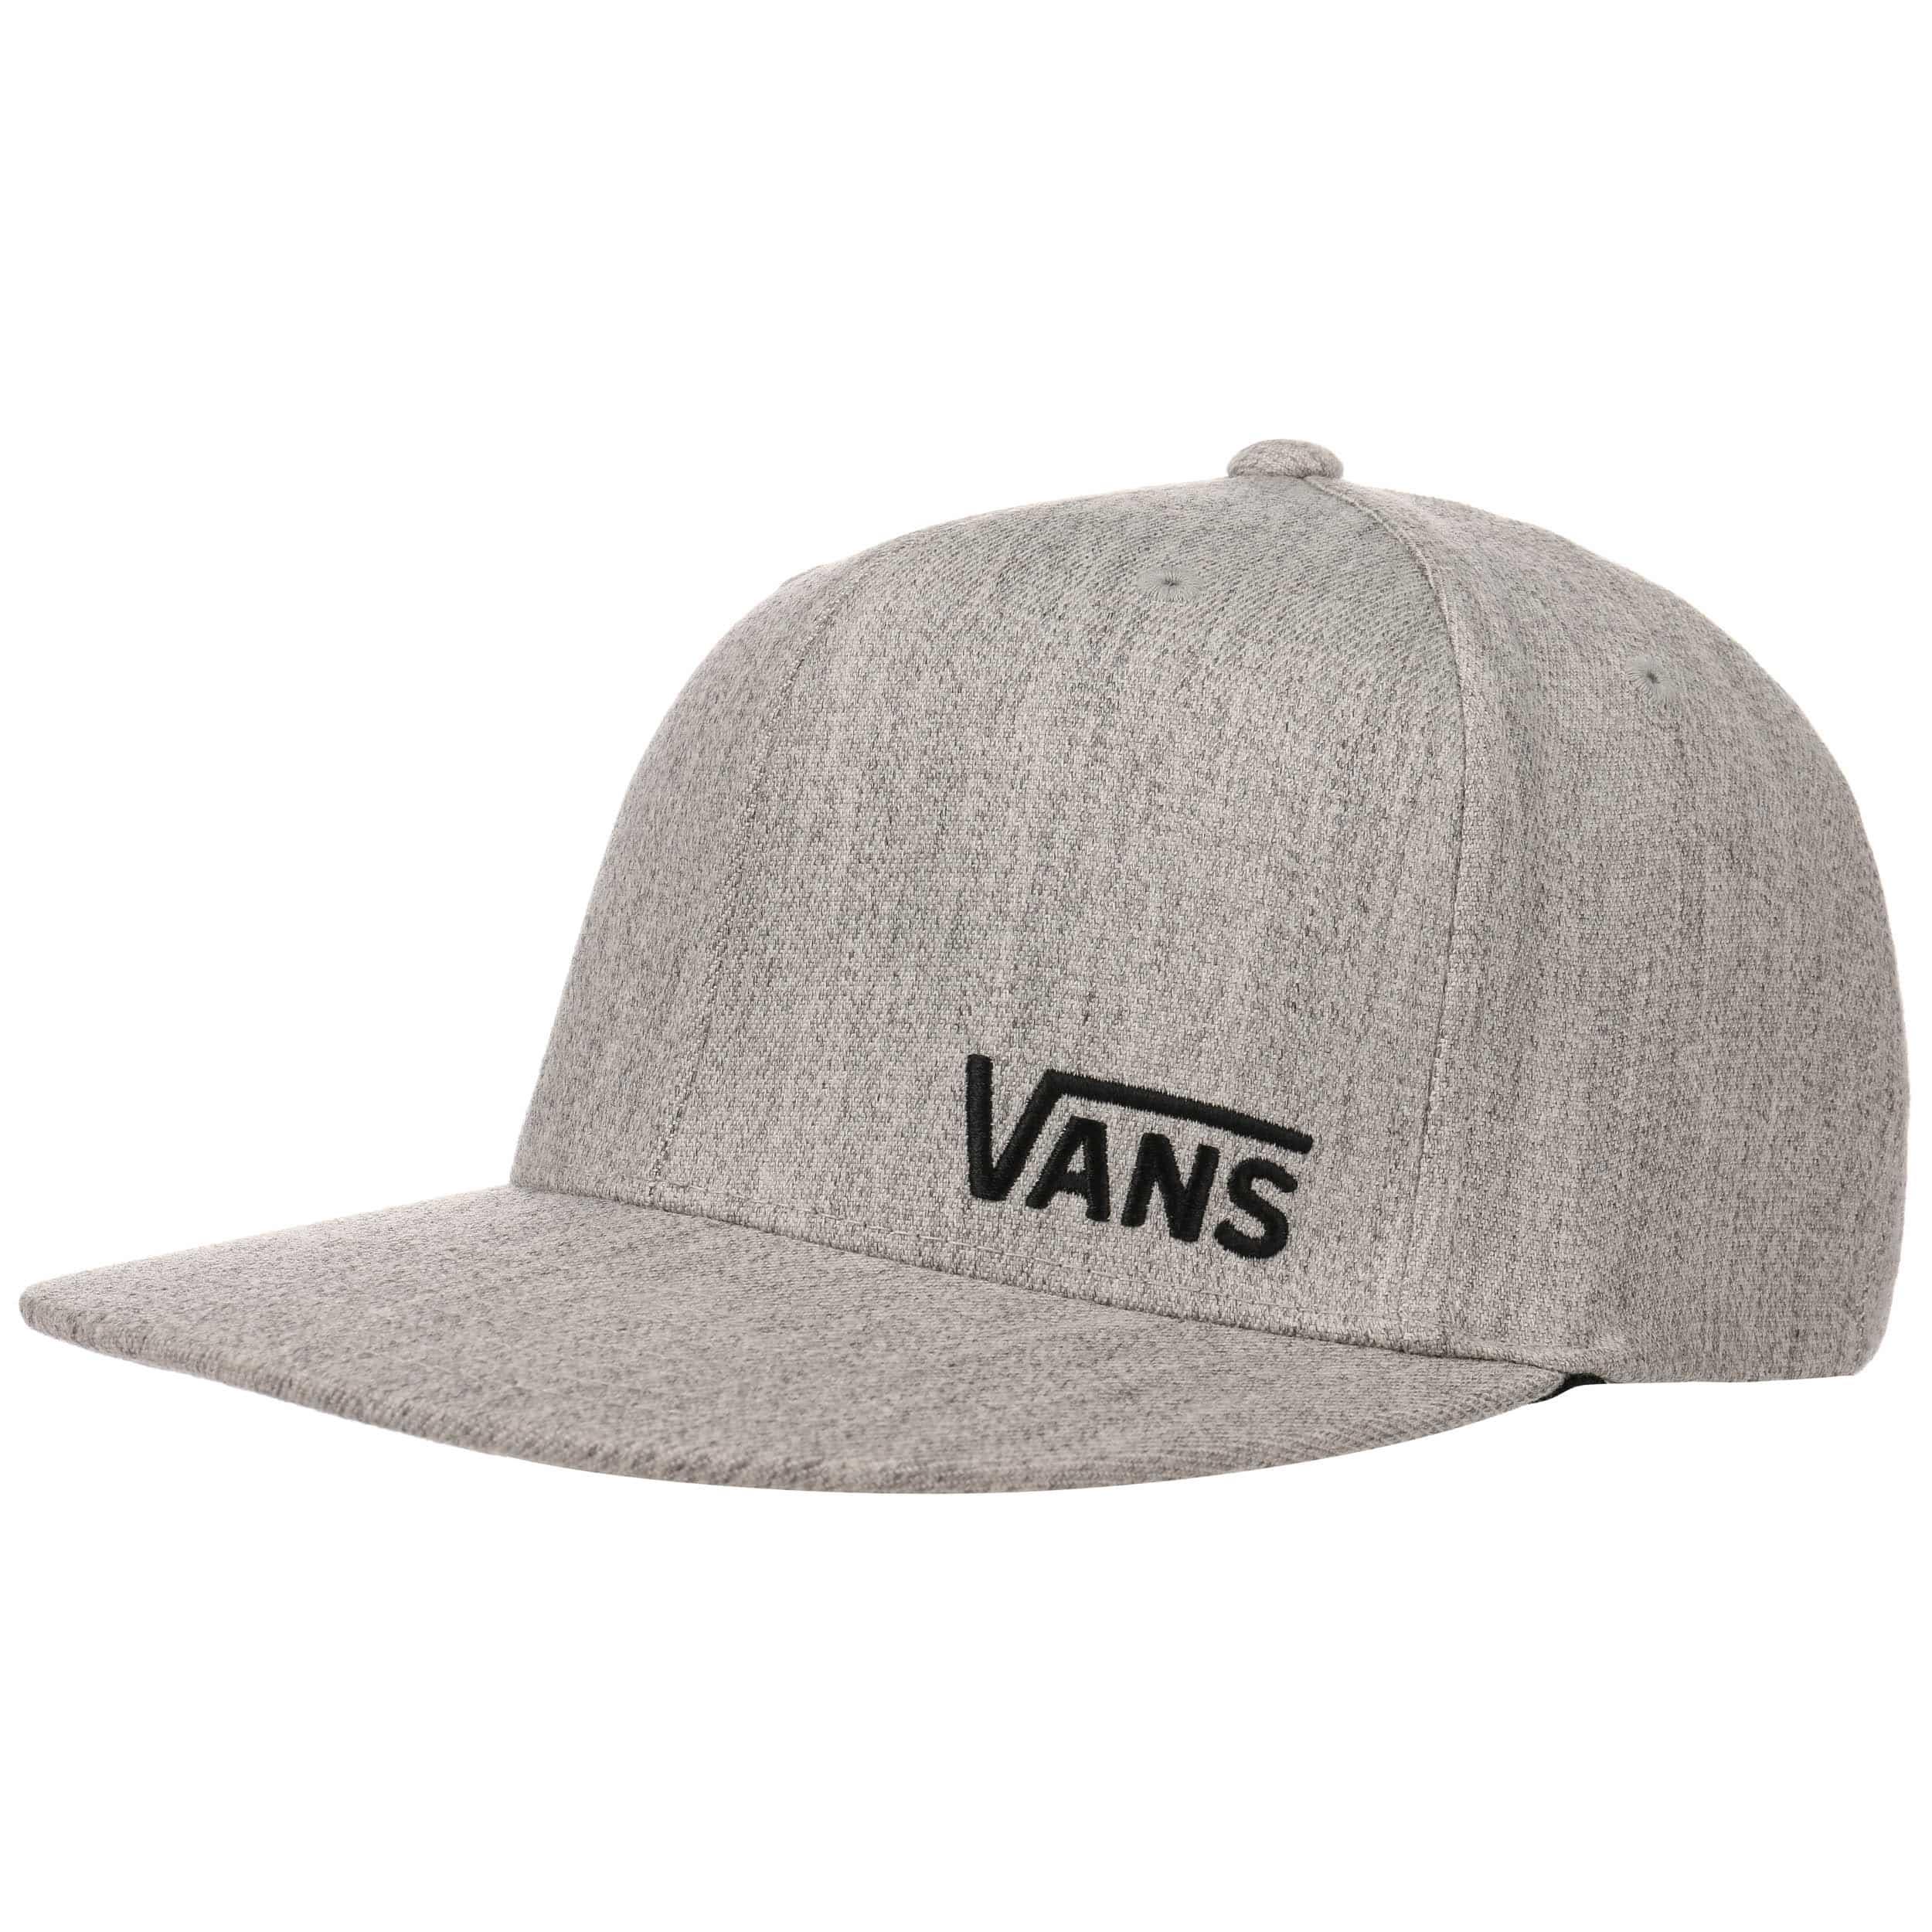 ... Splitz Flexfit Cap by Vans - light grey 5 ... 2d6f36031c2